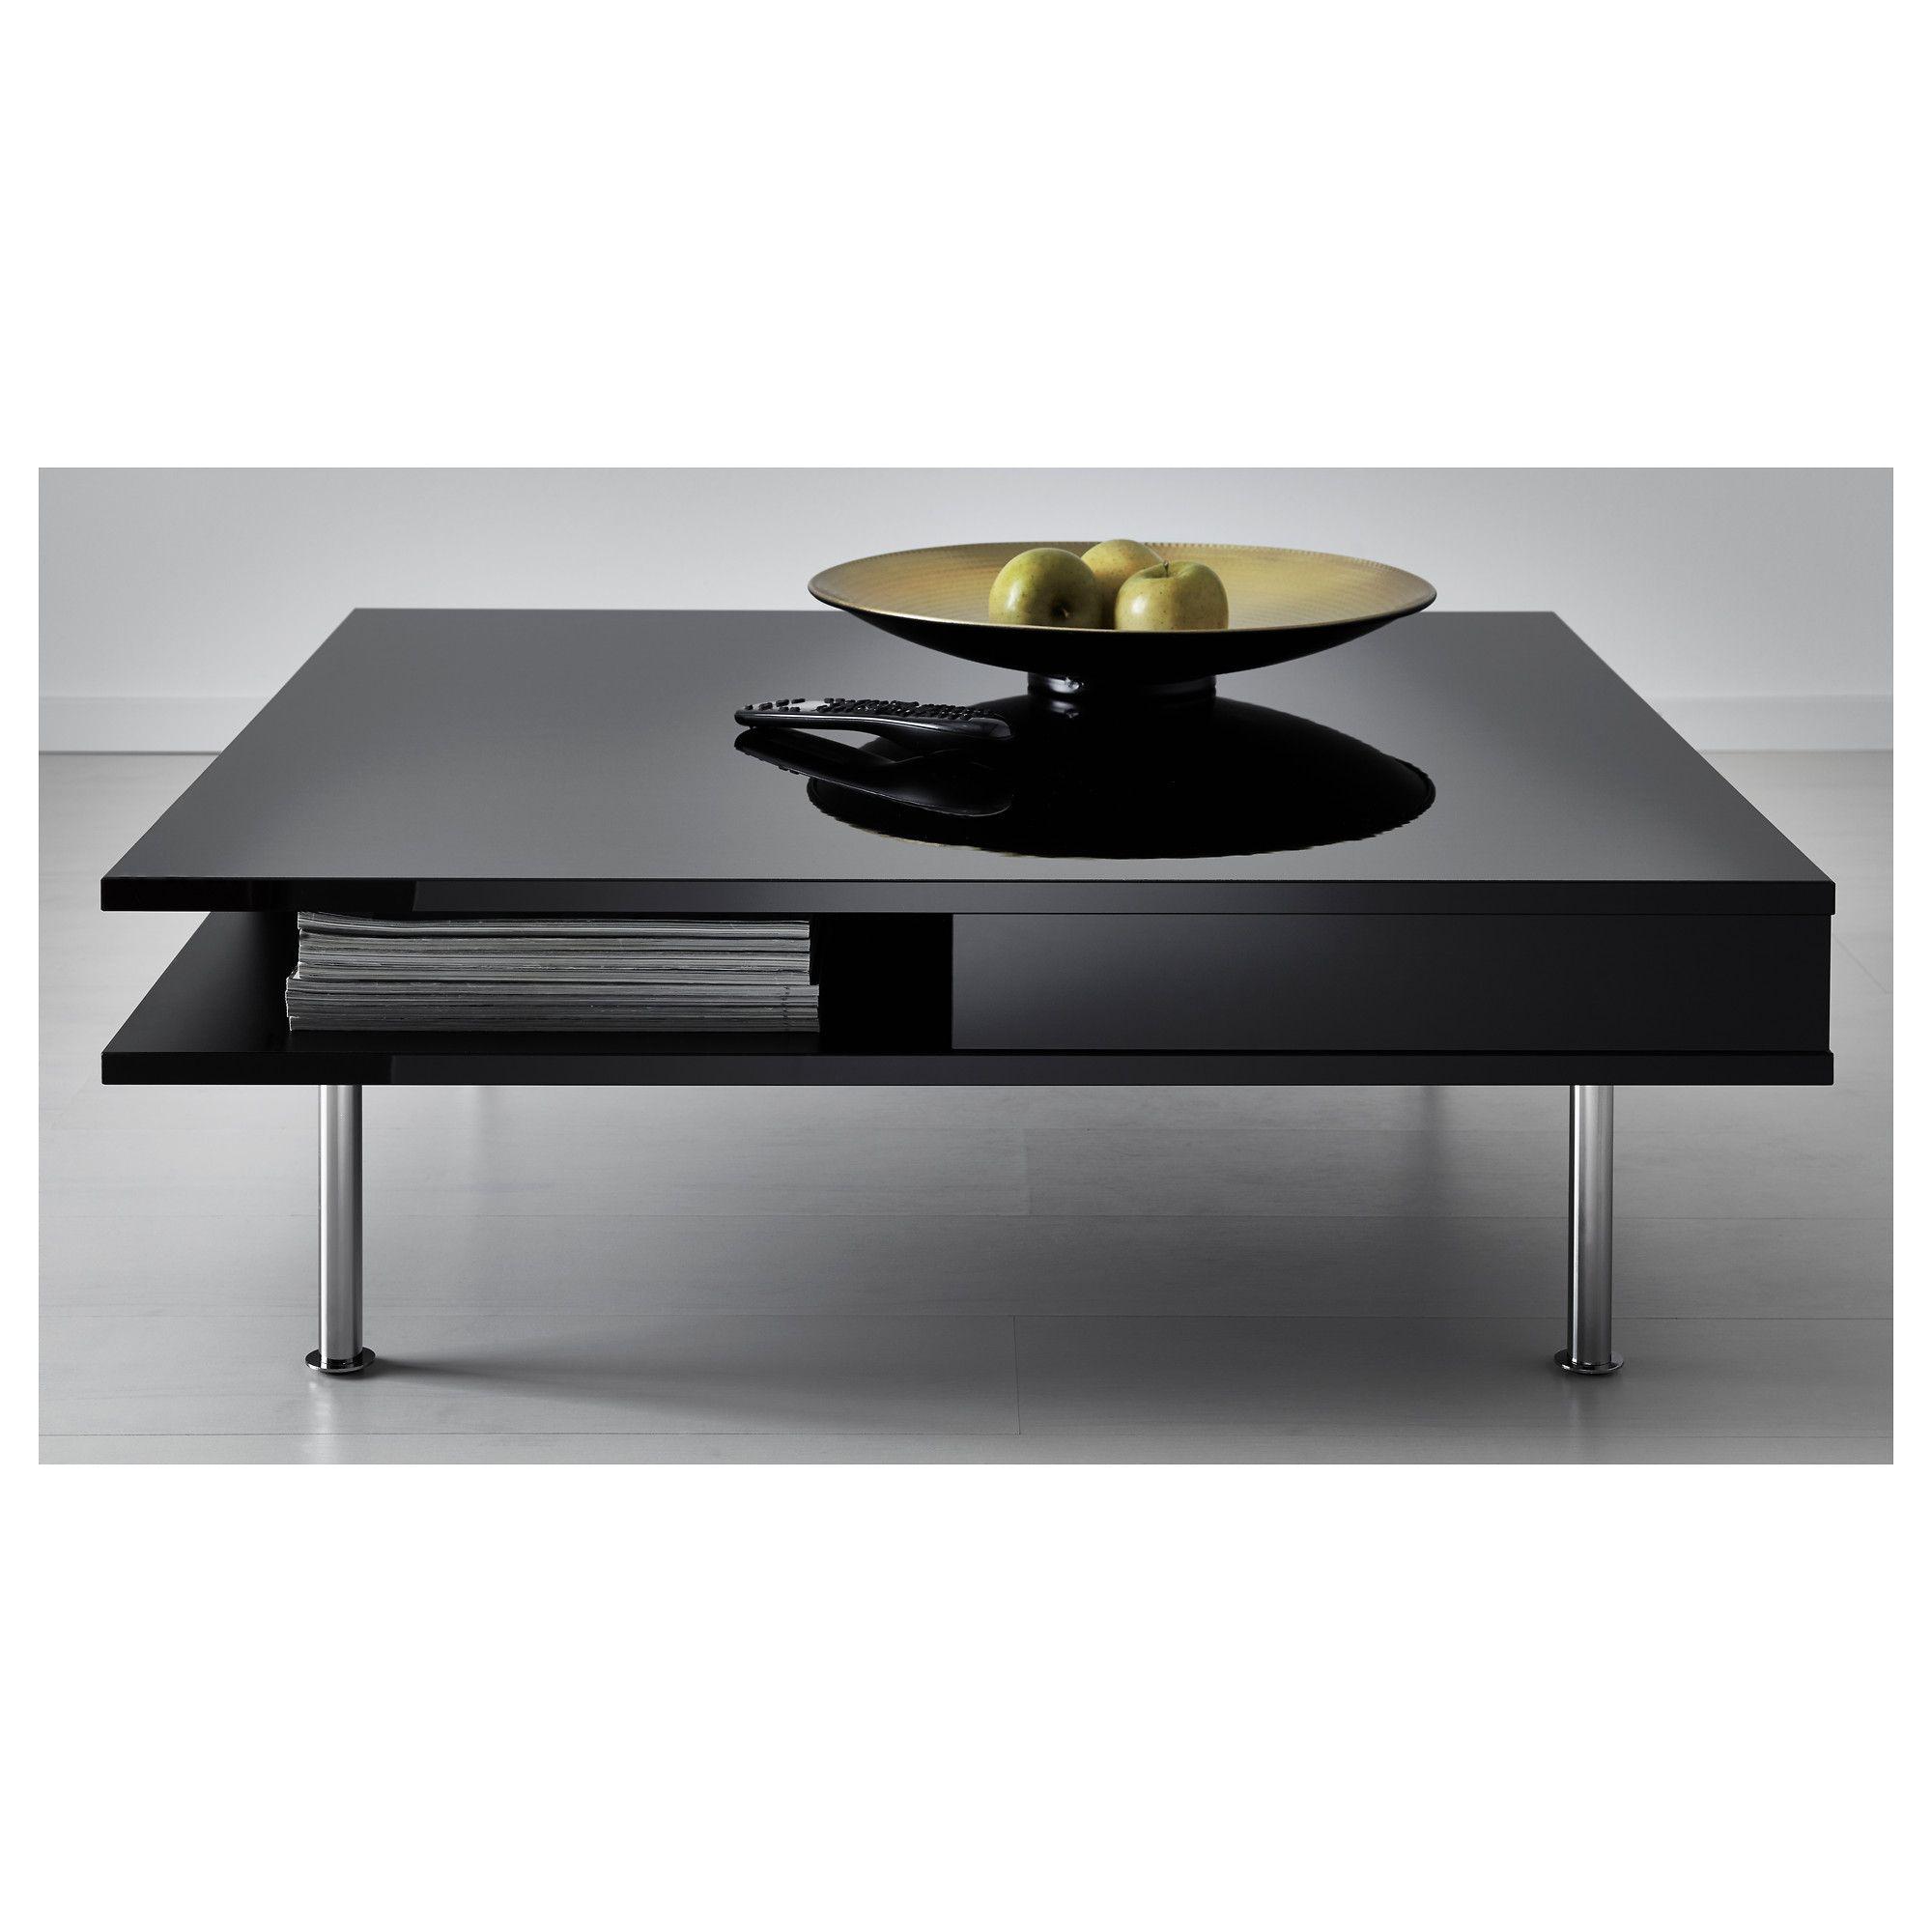 Tofteryd Trapezi Meshs Ikea Black Square Coffee Table Black Coffee Tables Coffee Table High Gloss [ 2000 x 2000 Pixel ]